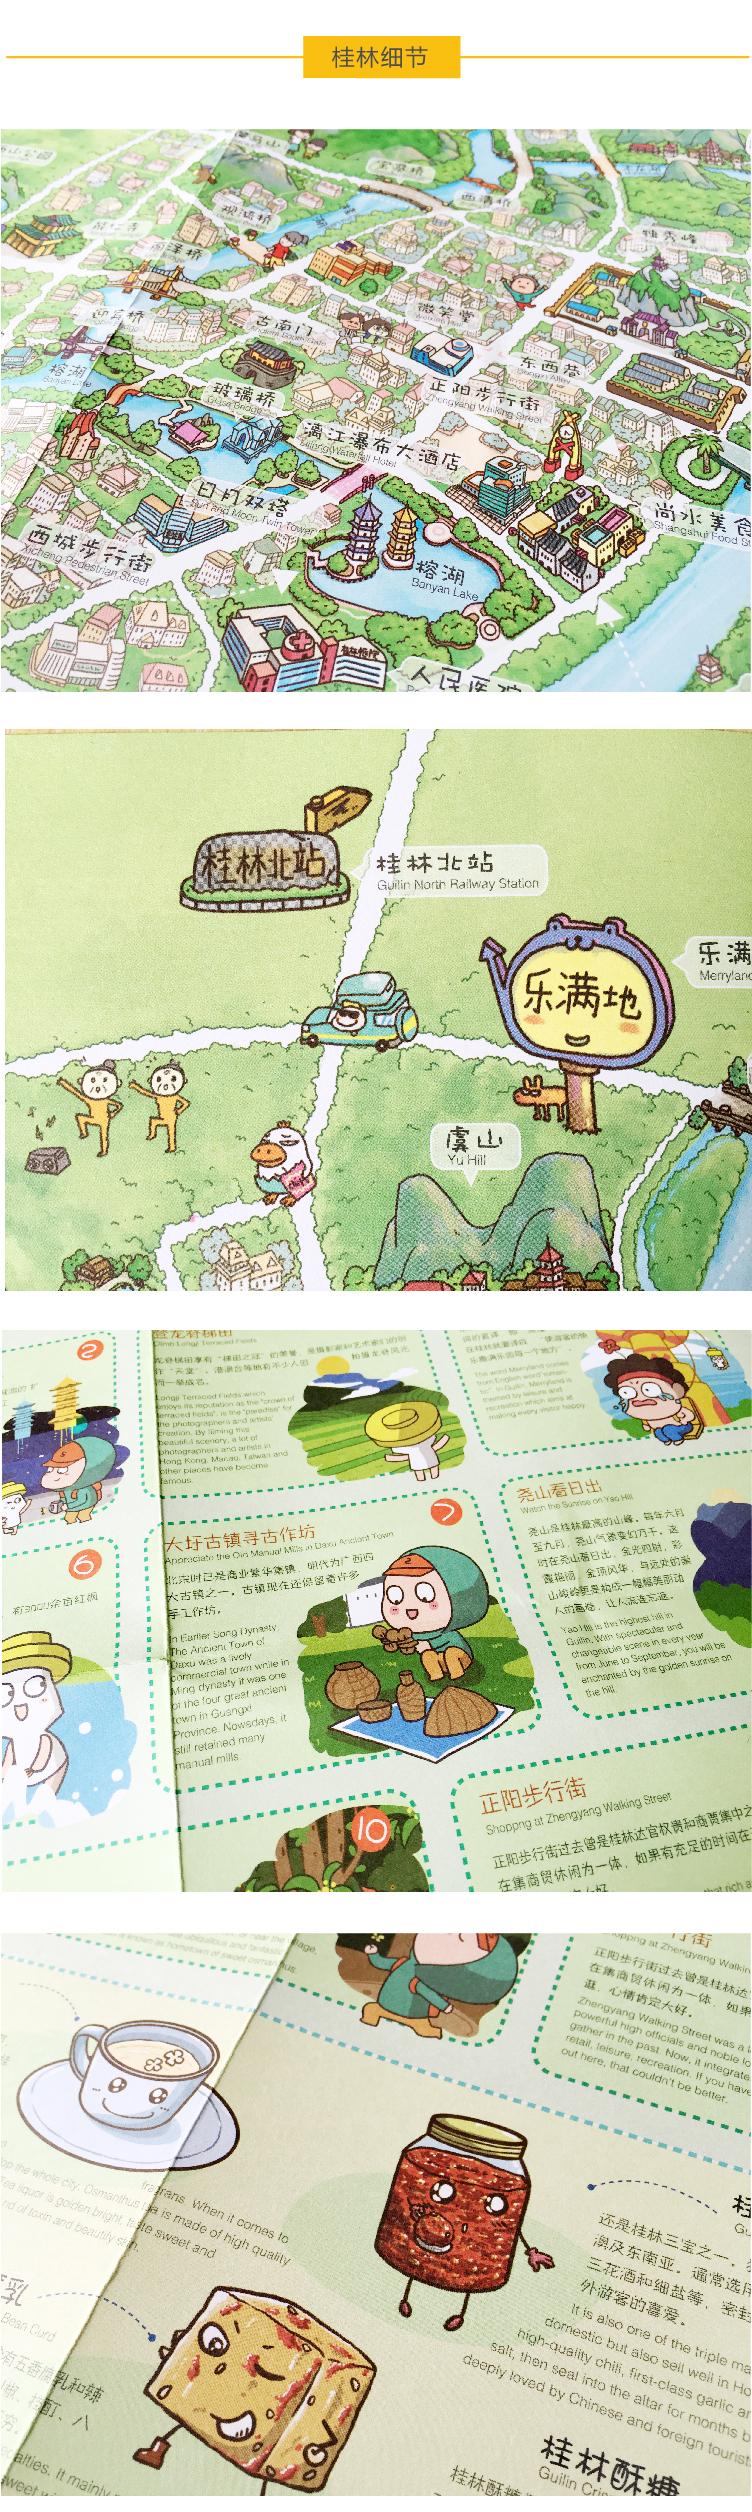 原创作品:桂林手绘地图